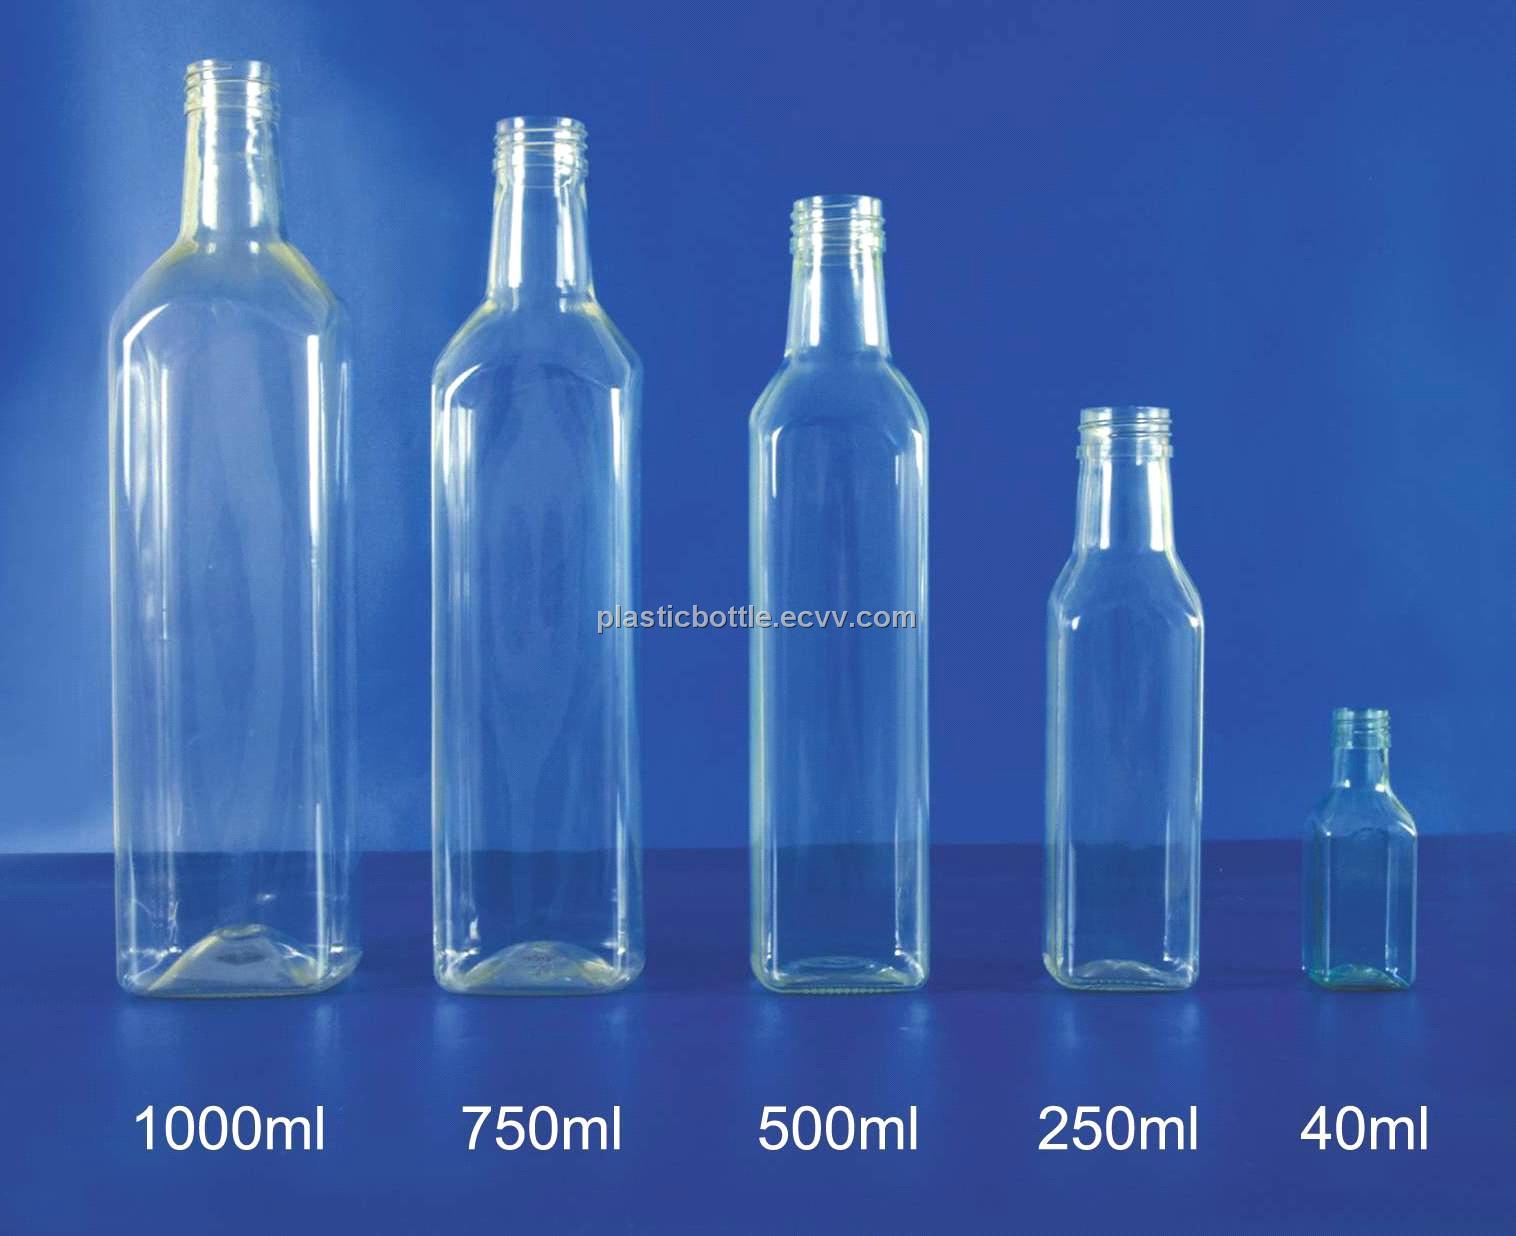 Olive Oil Plastic Bottles purchasing, souring agent | ECVV.com ...